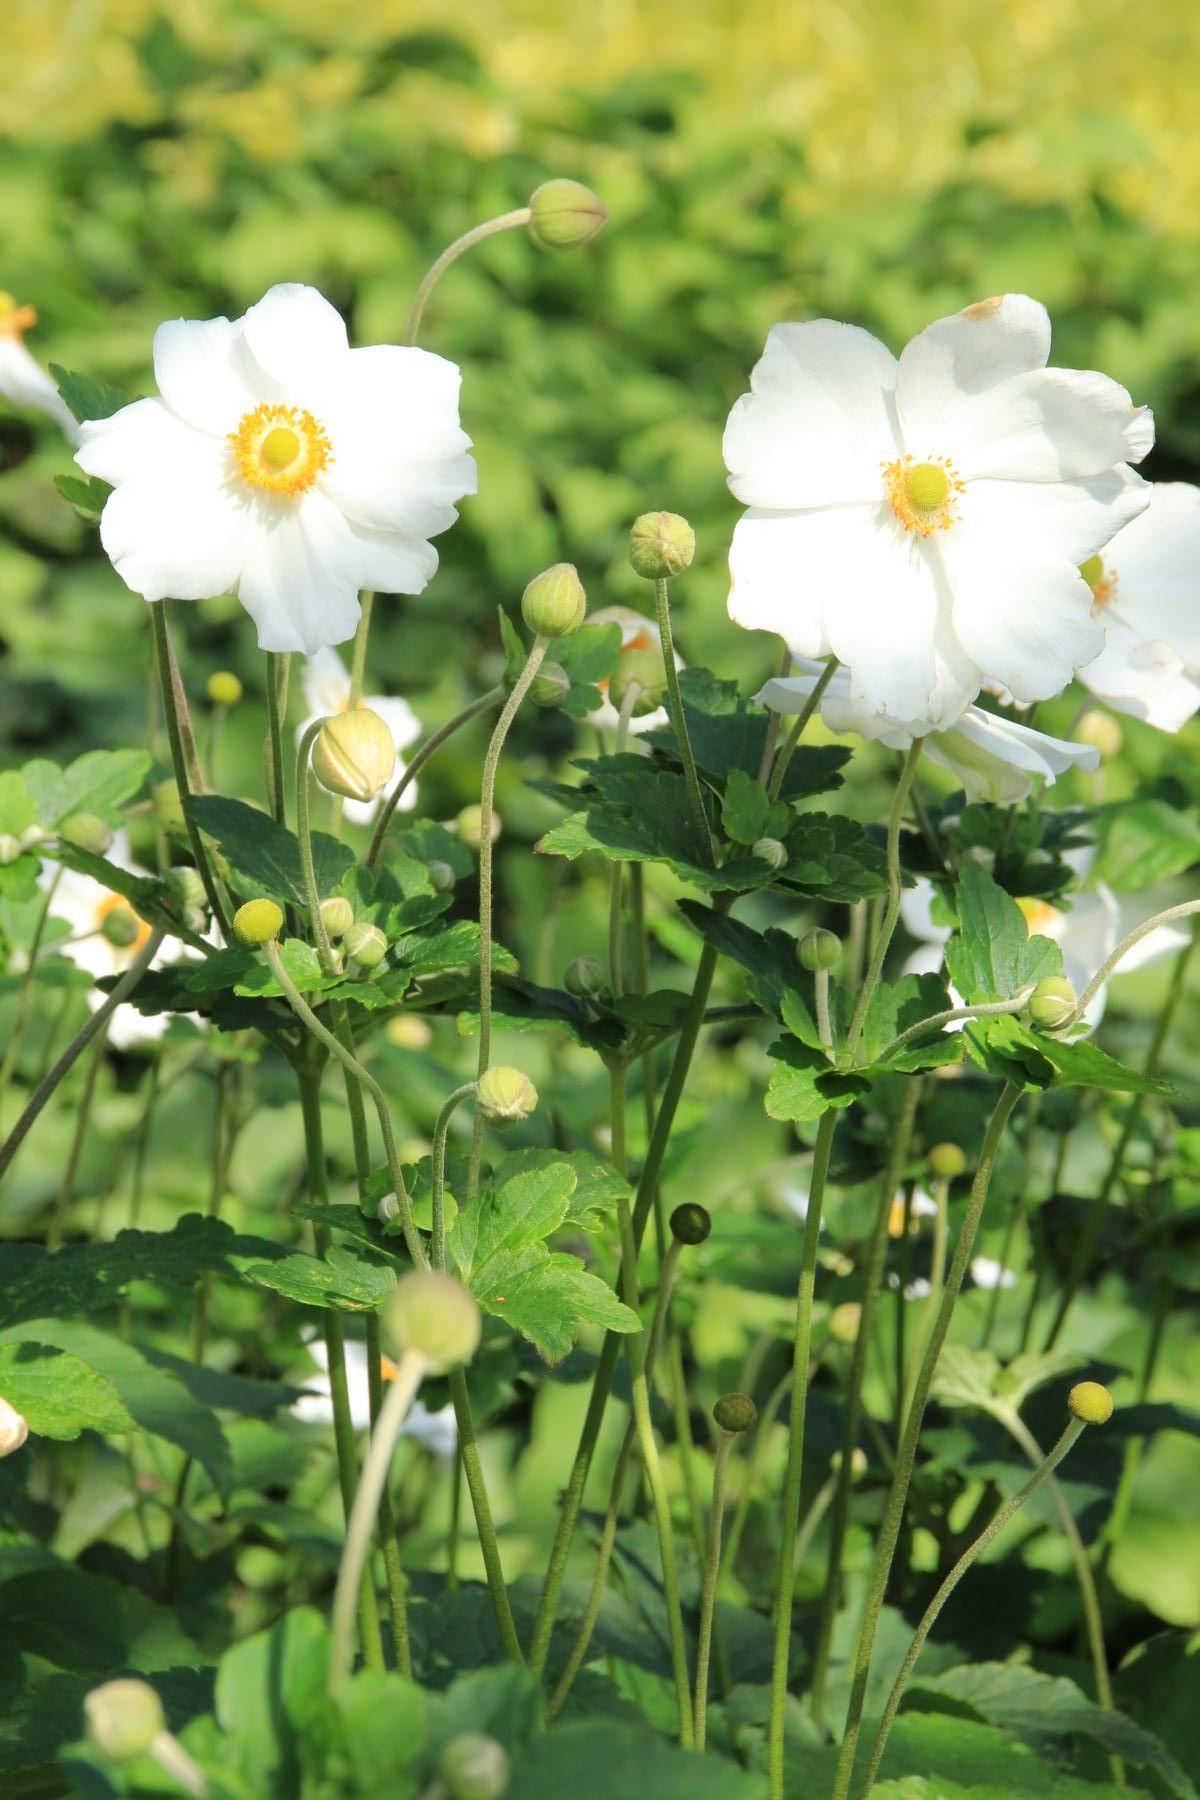 Garten Herbst Anemone Honorine Jobert Anemone Japonica Honorine Jobert Stauden Japanische Anemone Anemone